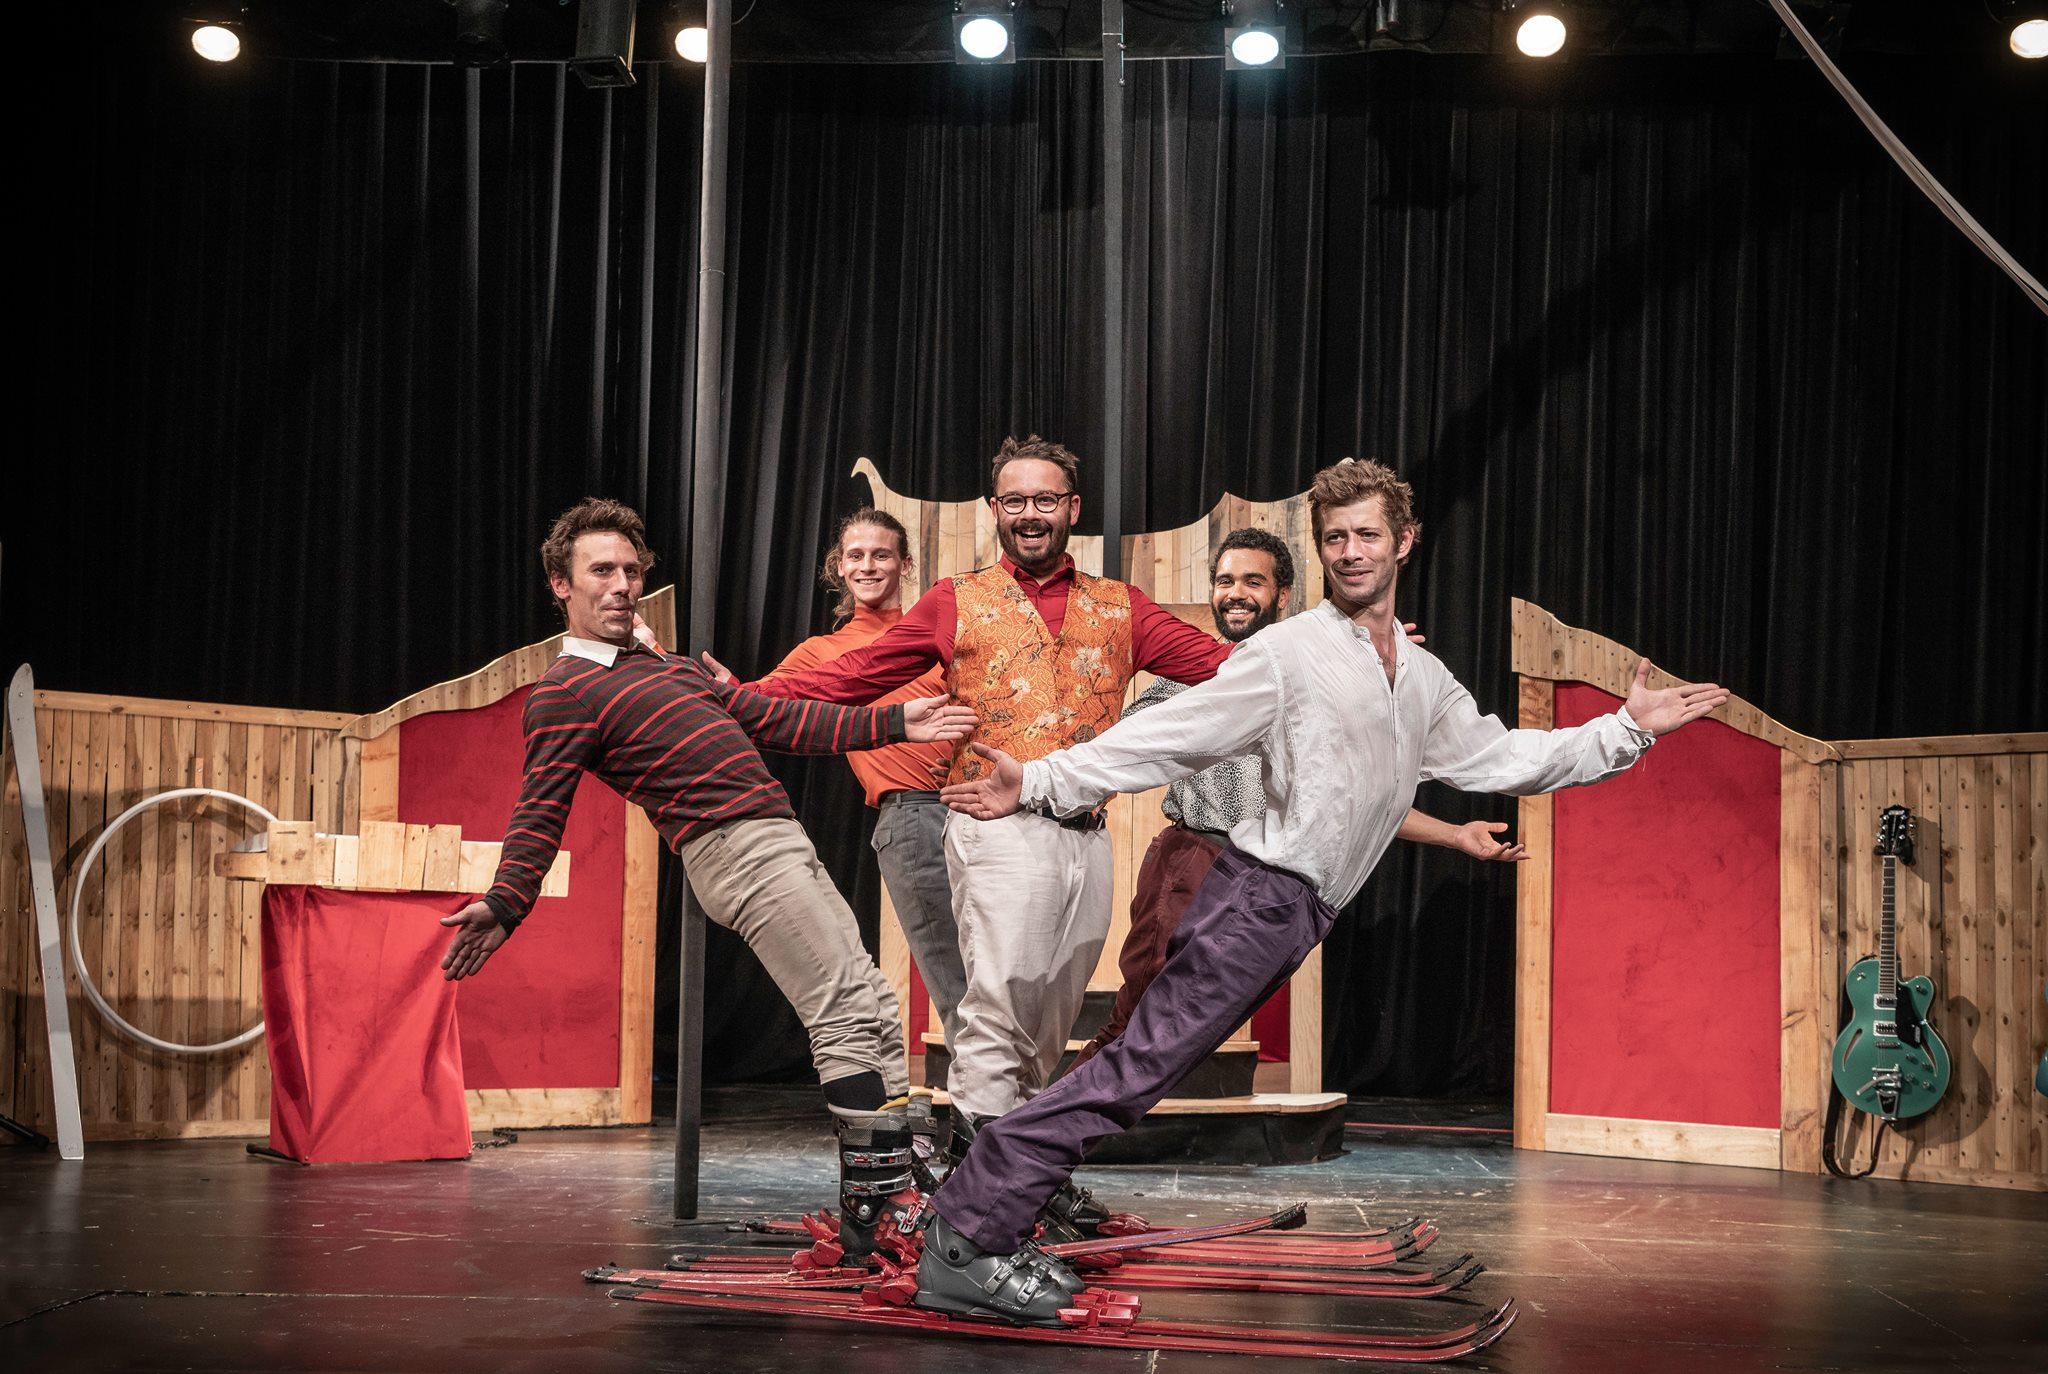 Cirque / Arts de la Rue